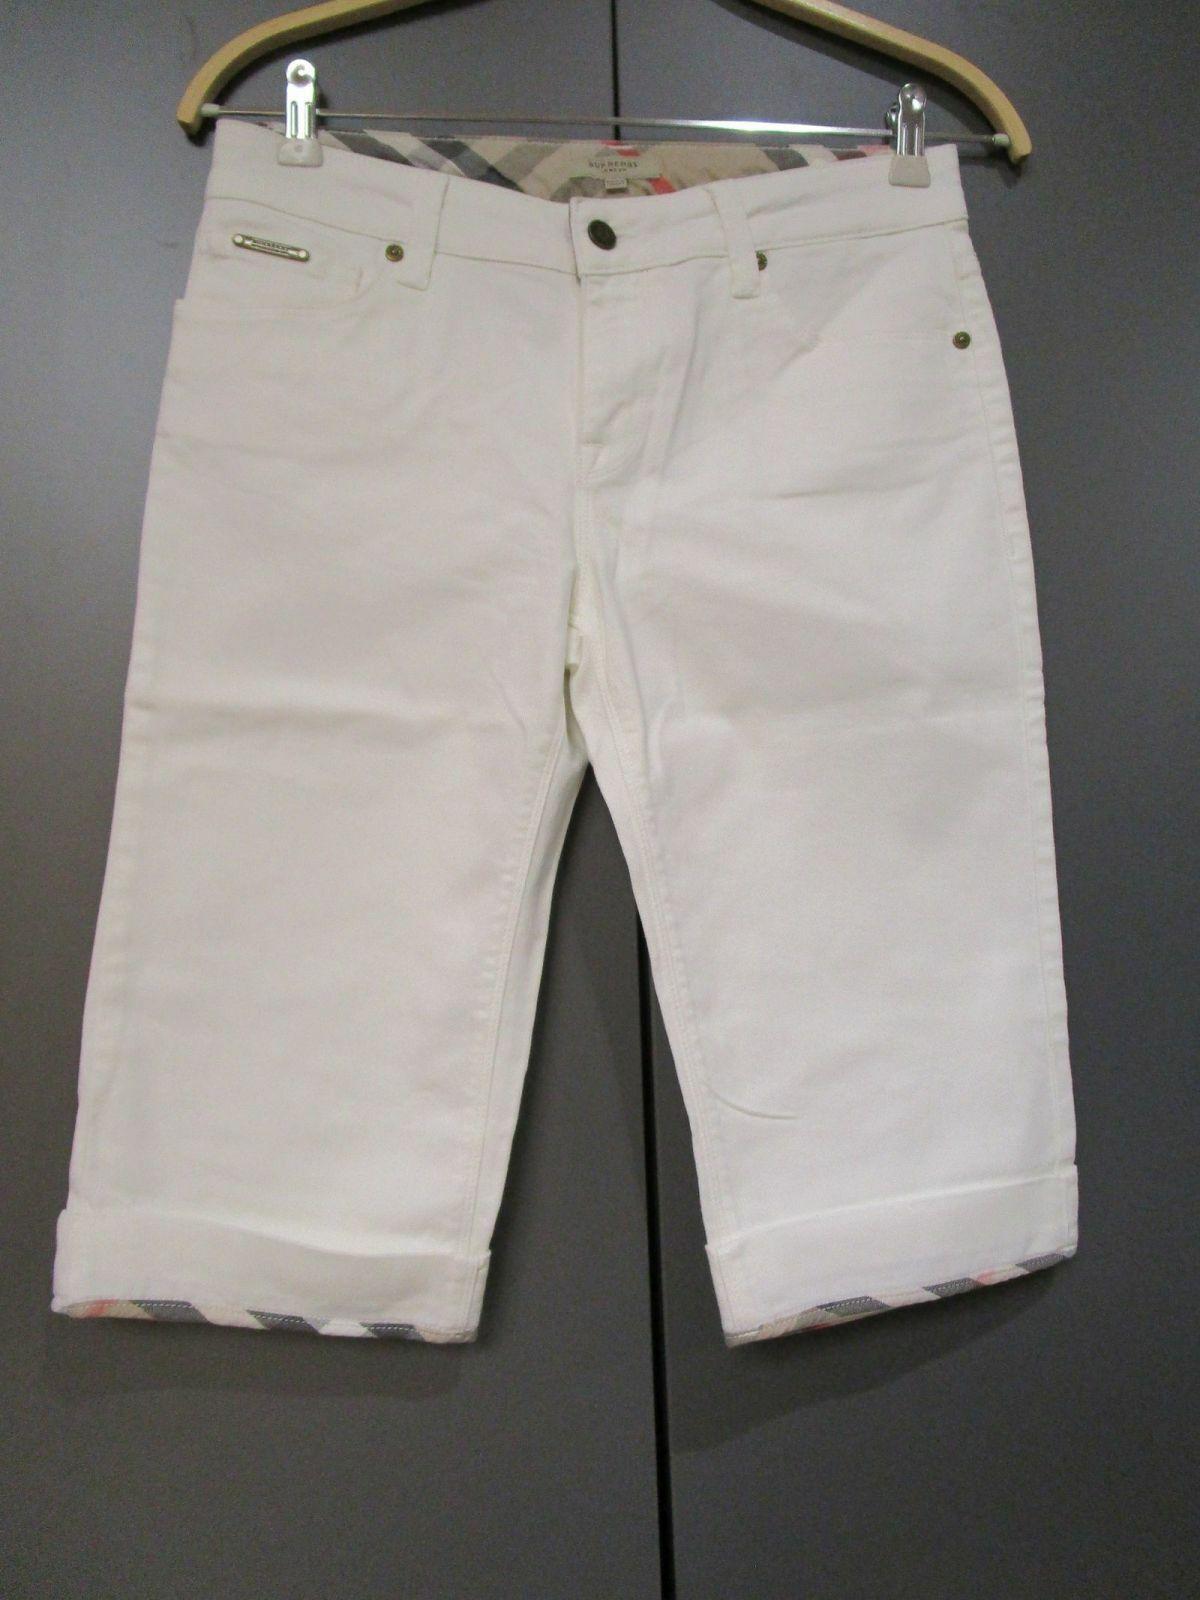 Burberry Bermuda Jeanshose Caprihose weiß Gr.28 (V4-11)